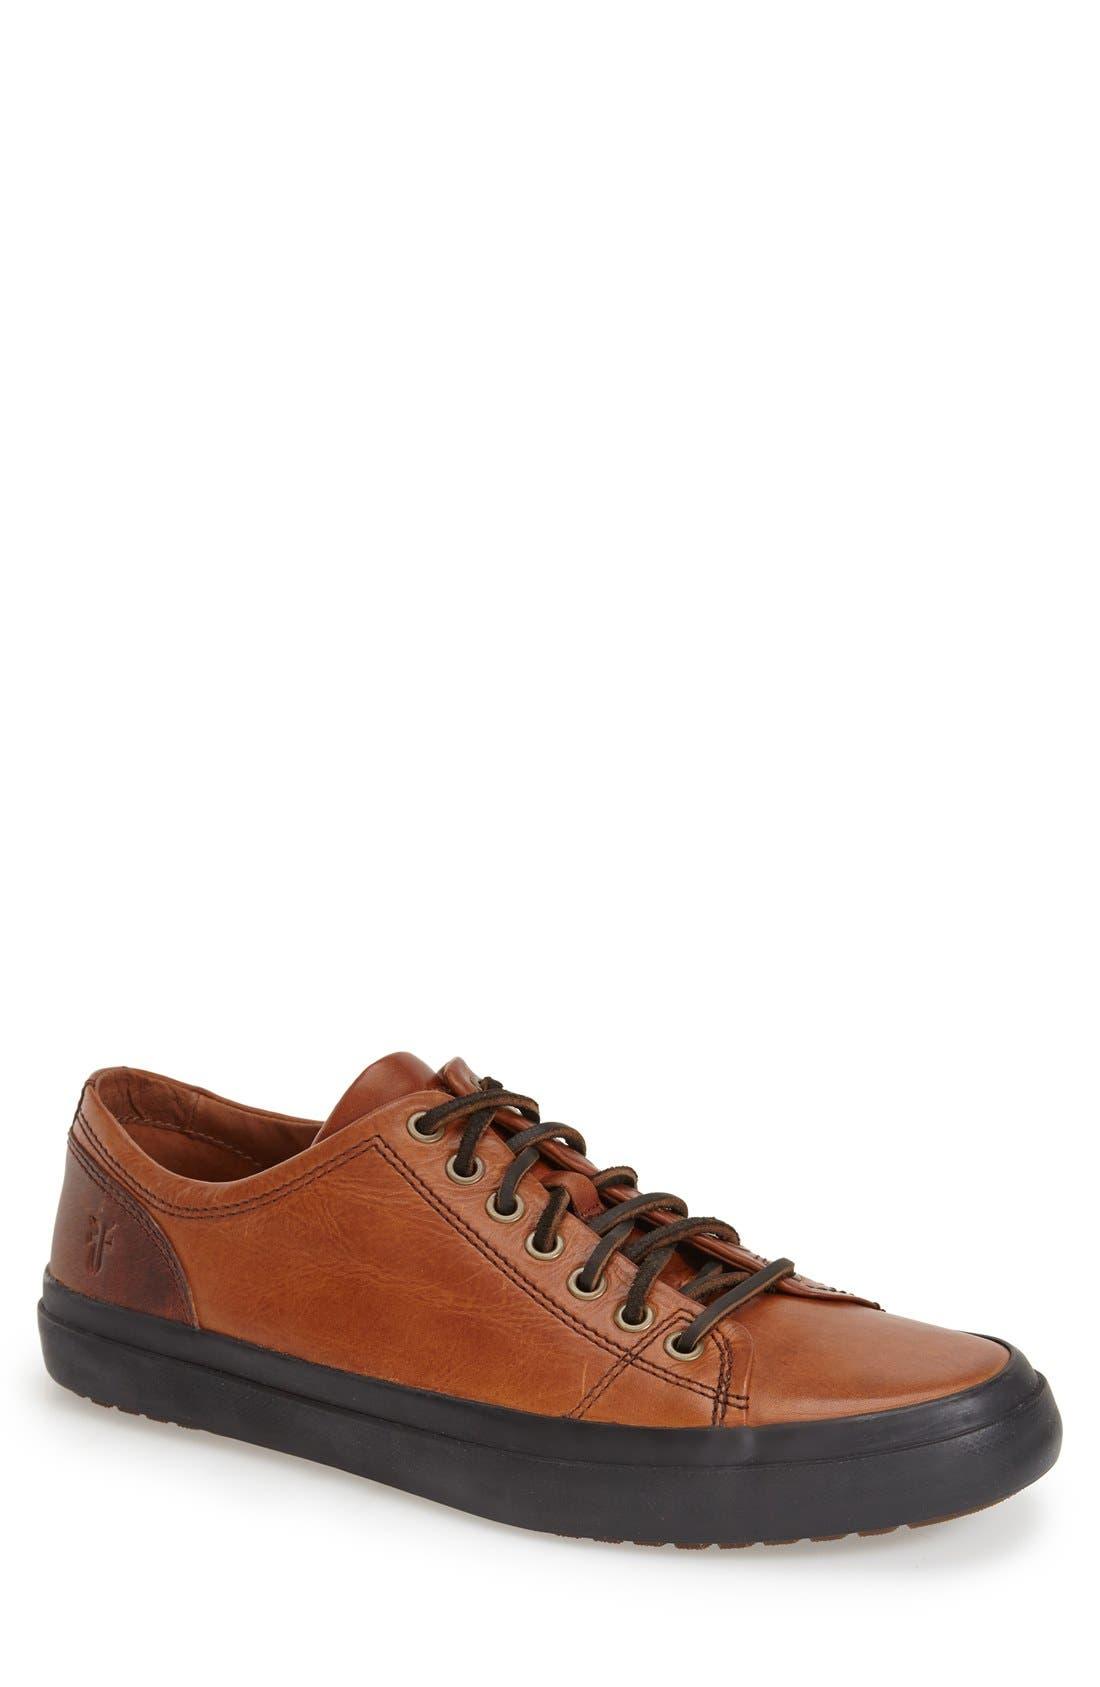 FRYE 'Grand Low' Sneaker